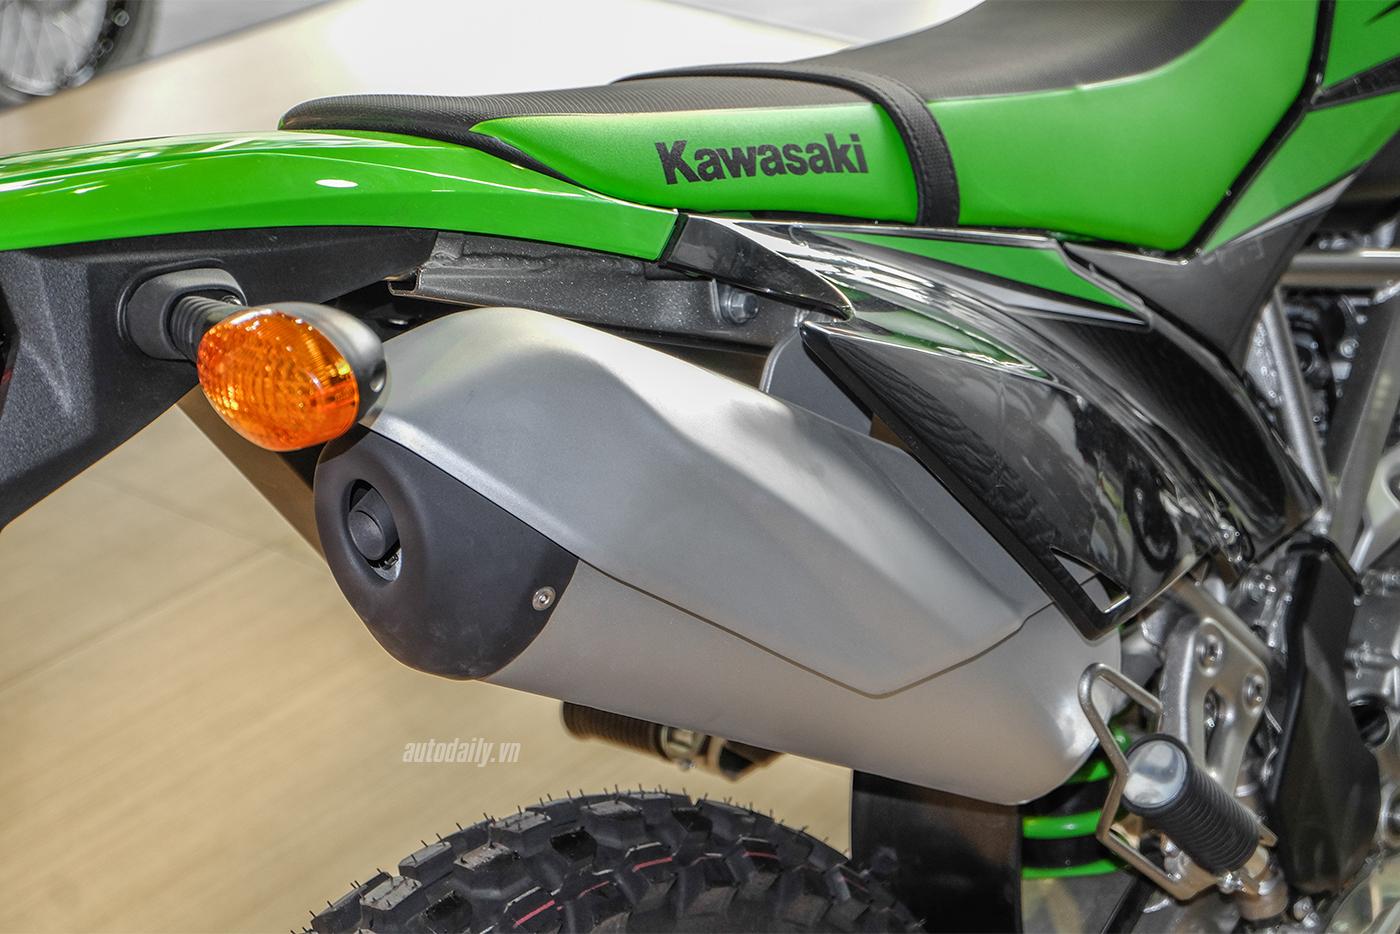 kawasaki-klx-150-bf-16.jpg